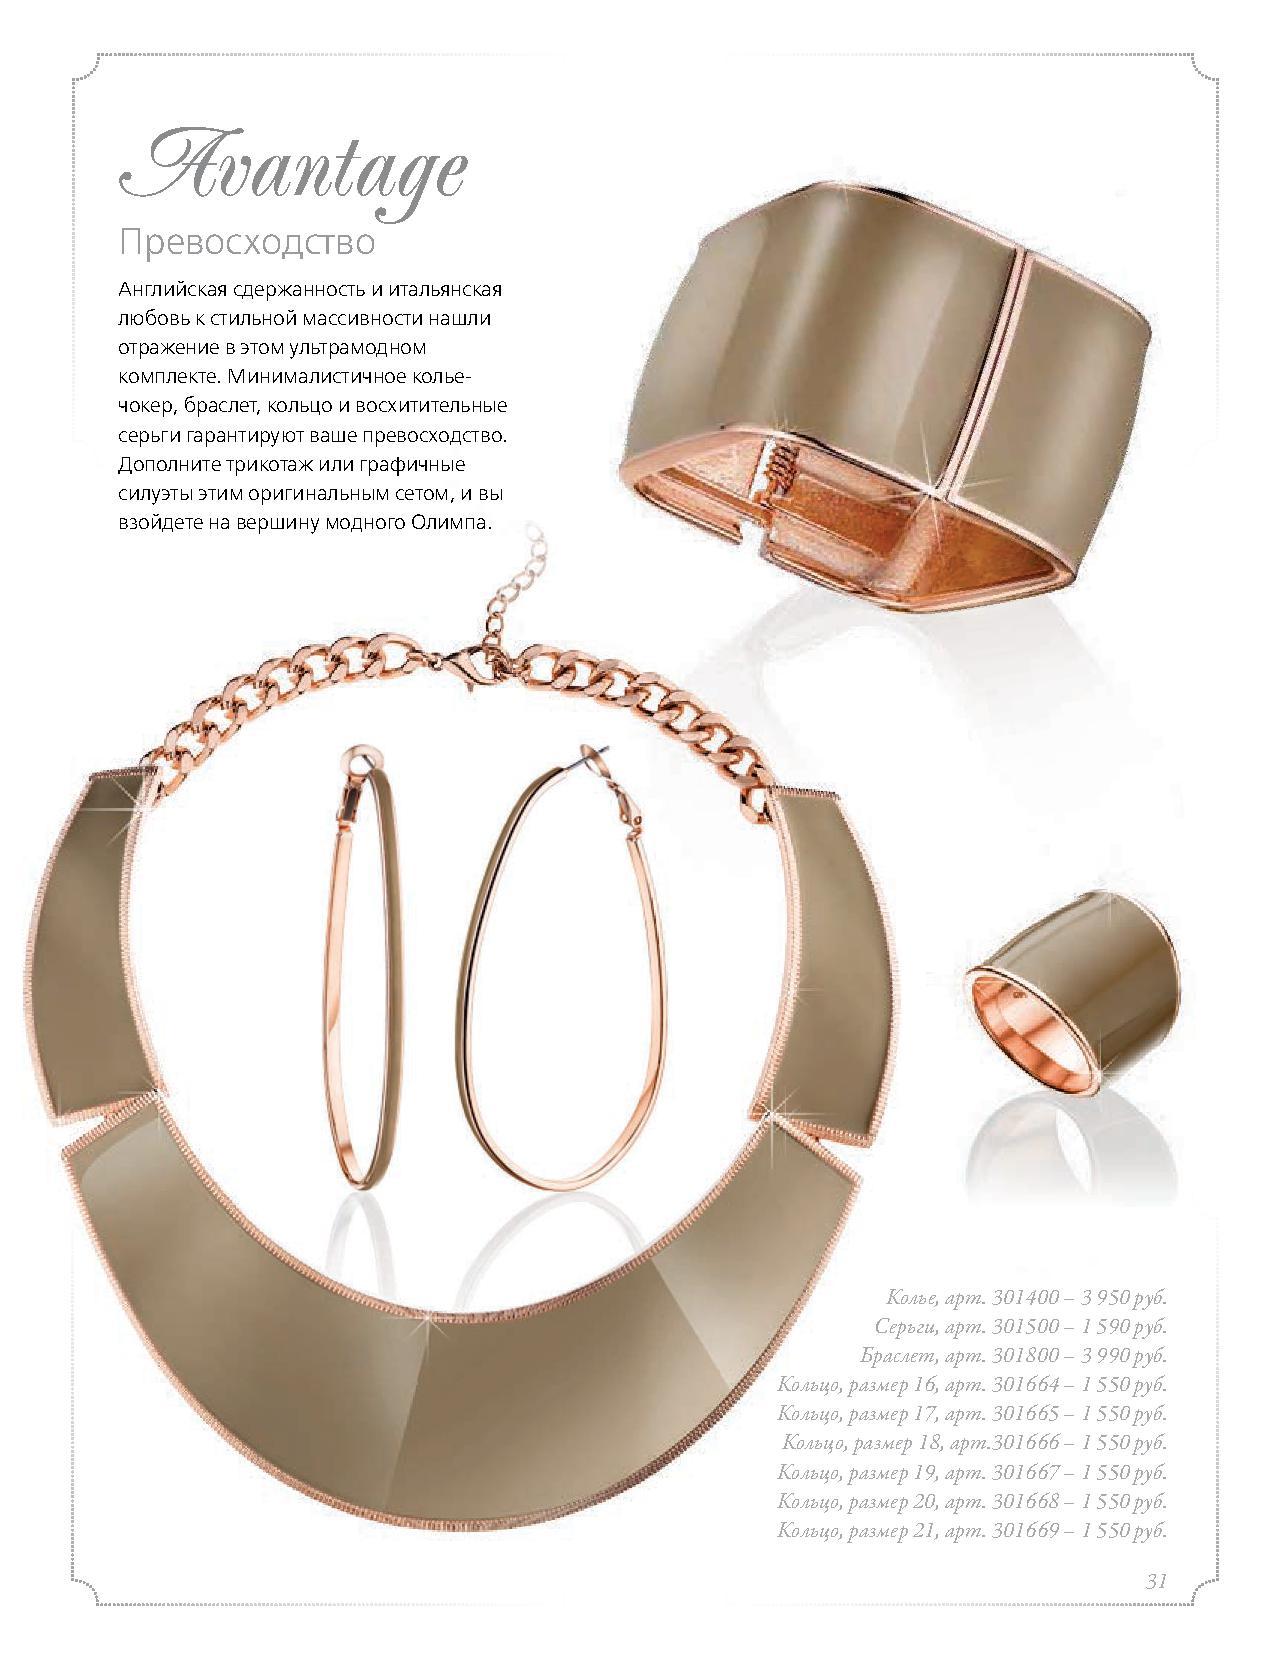 Флоранж комплект Превосходство: колье, серьги, браслет, кольцо